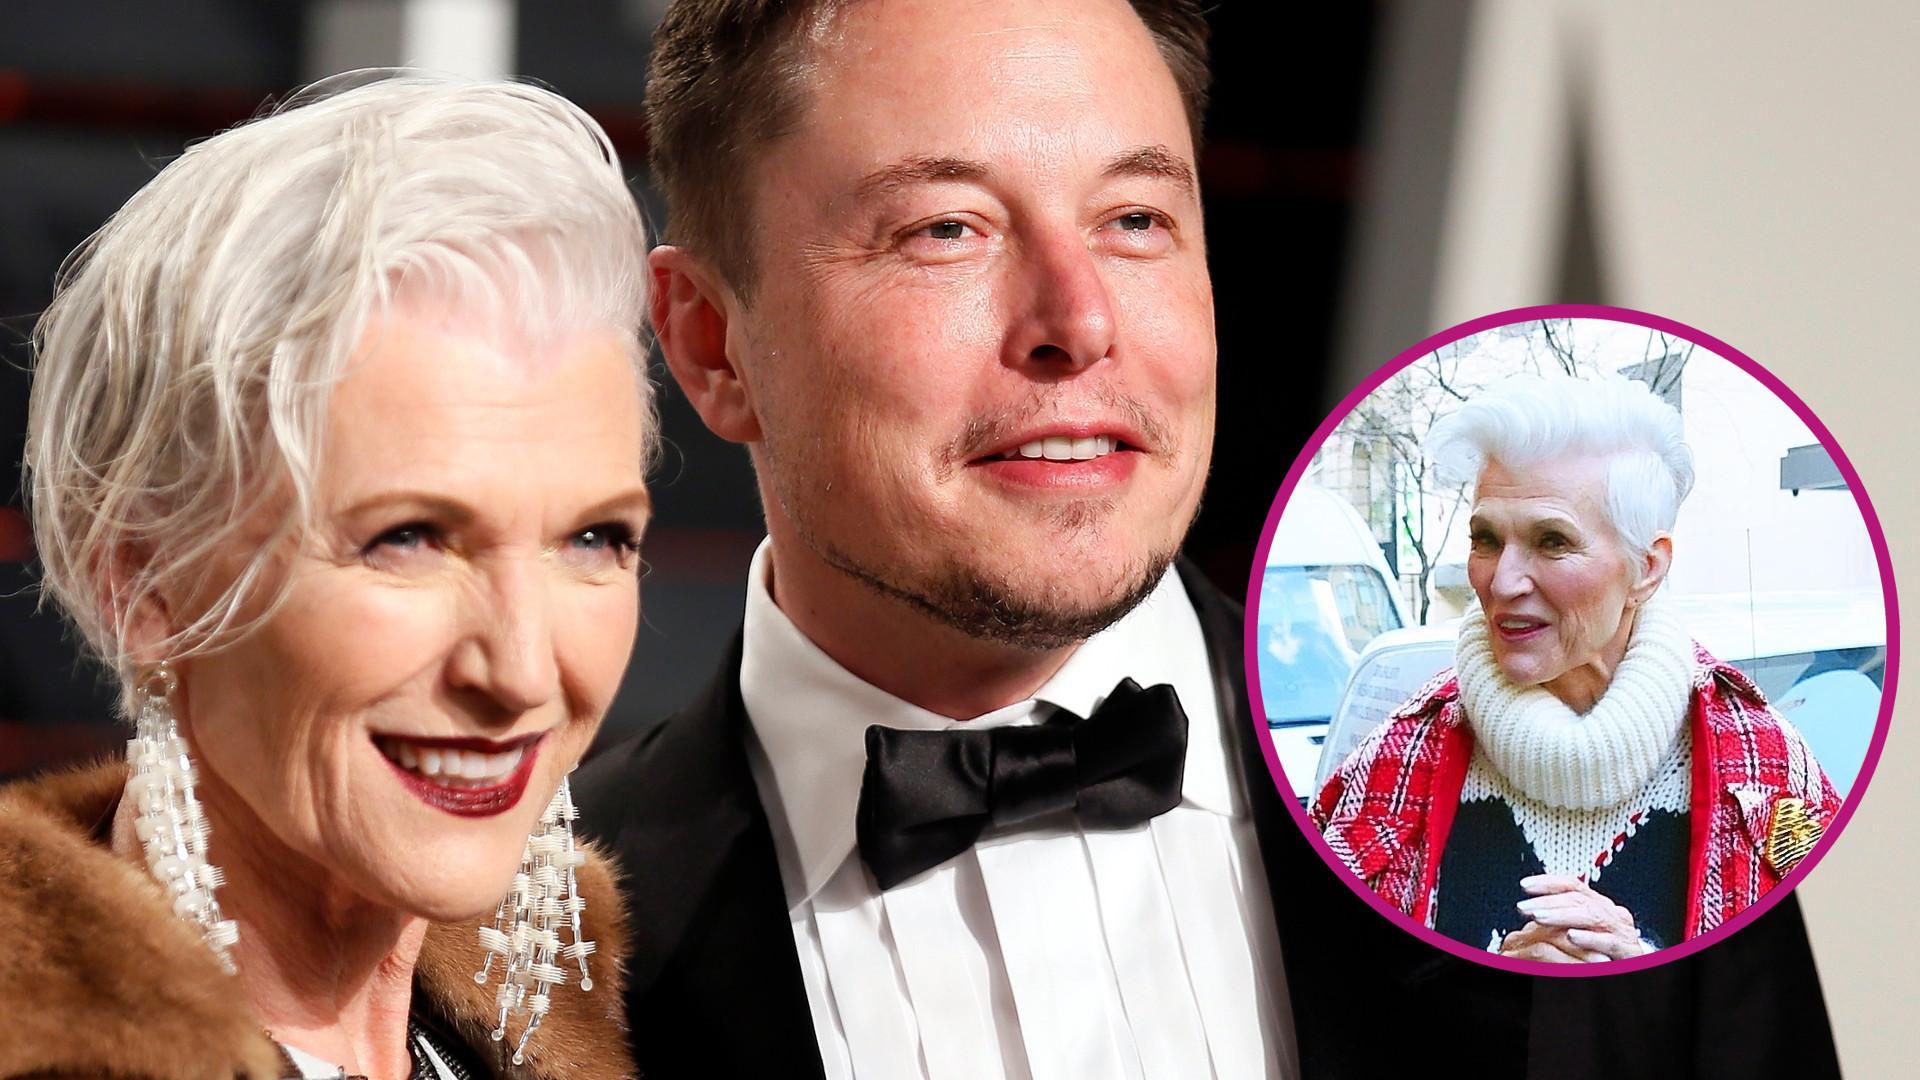 Maye Musk, matka Elona Muska:  Mąż mnie bił i znęcał się nade mną psychicznie